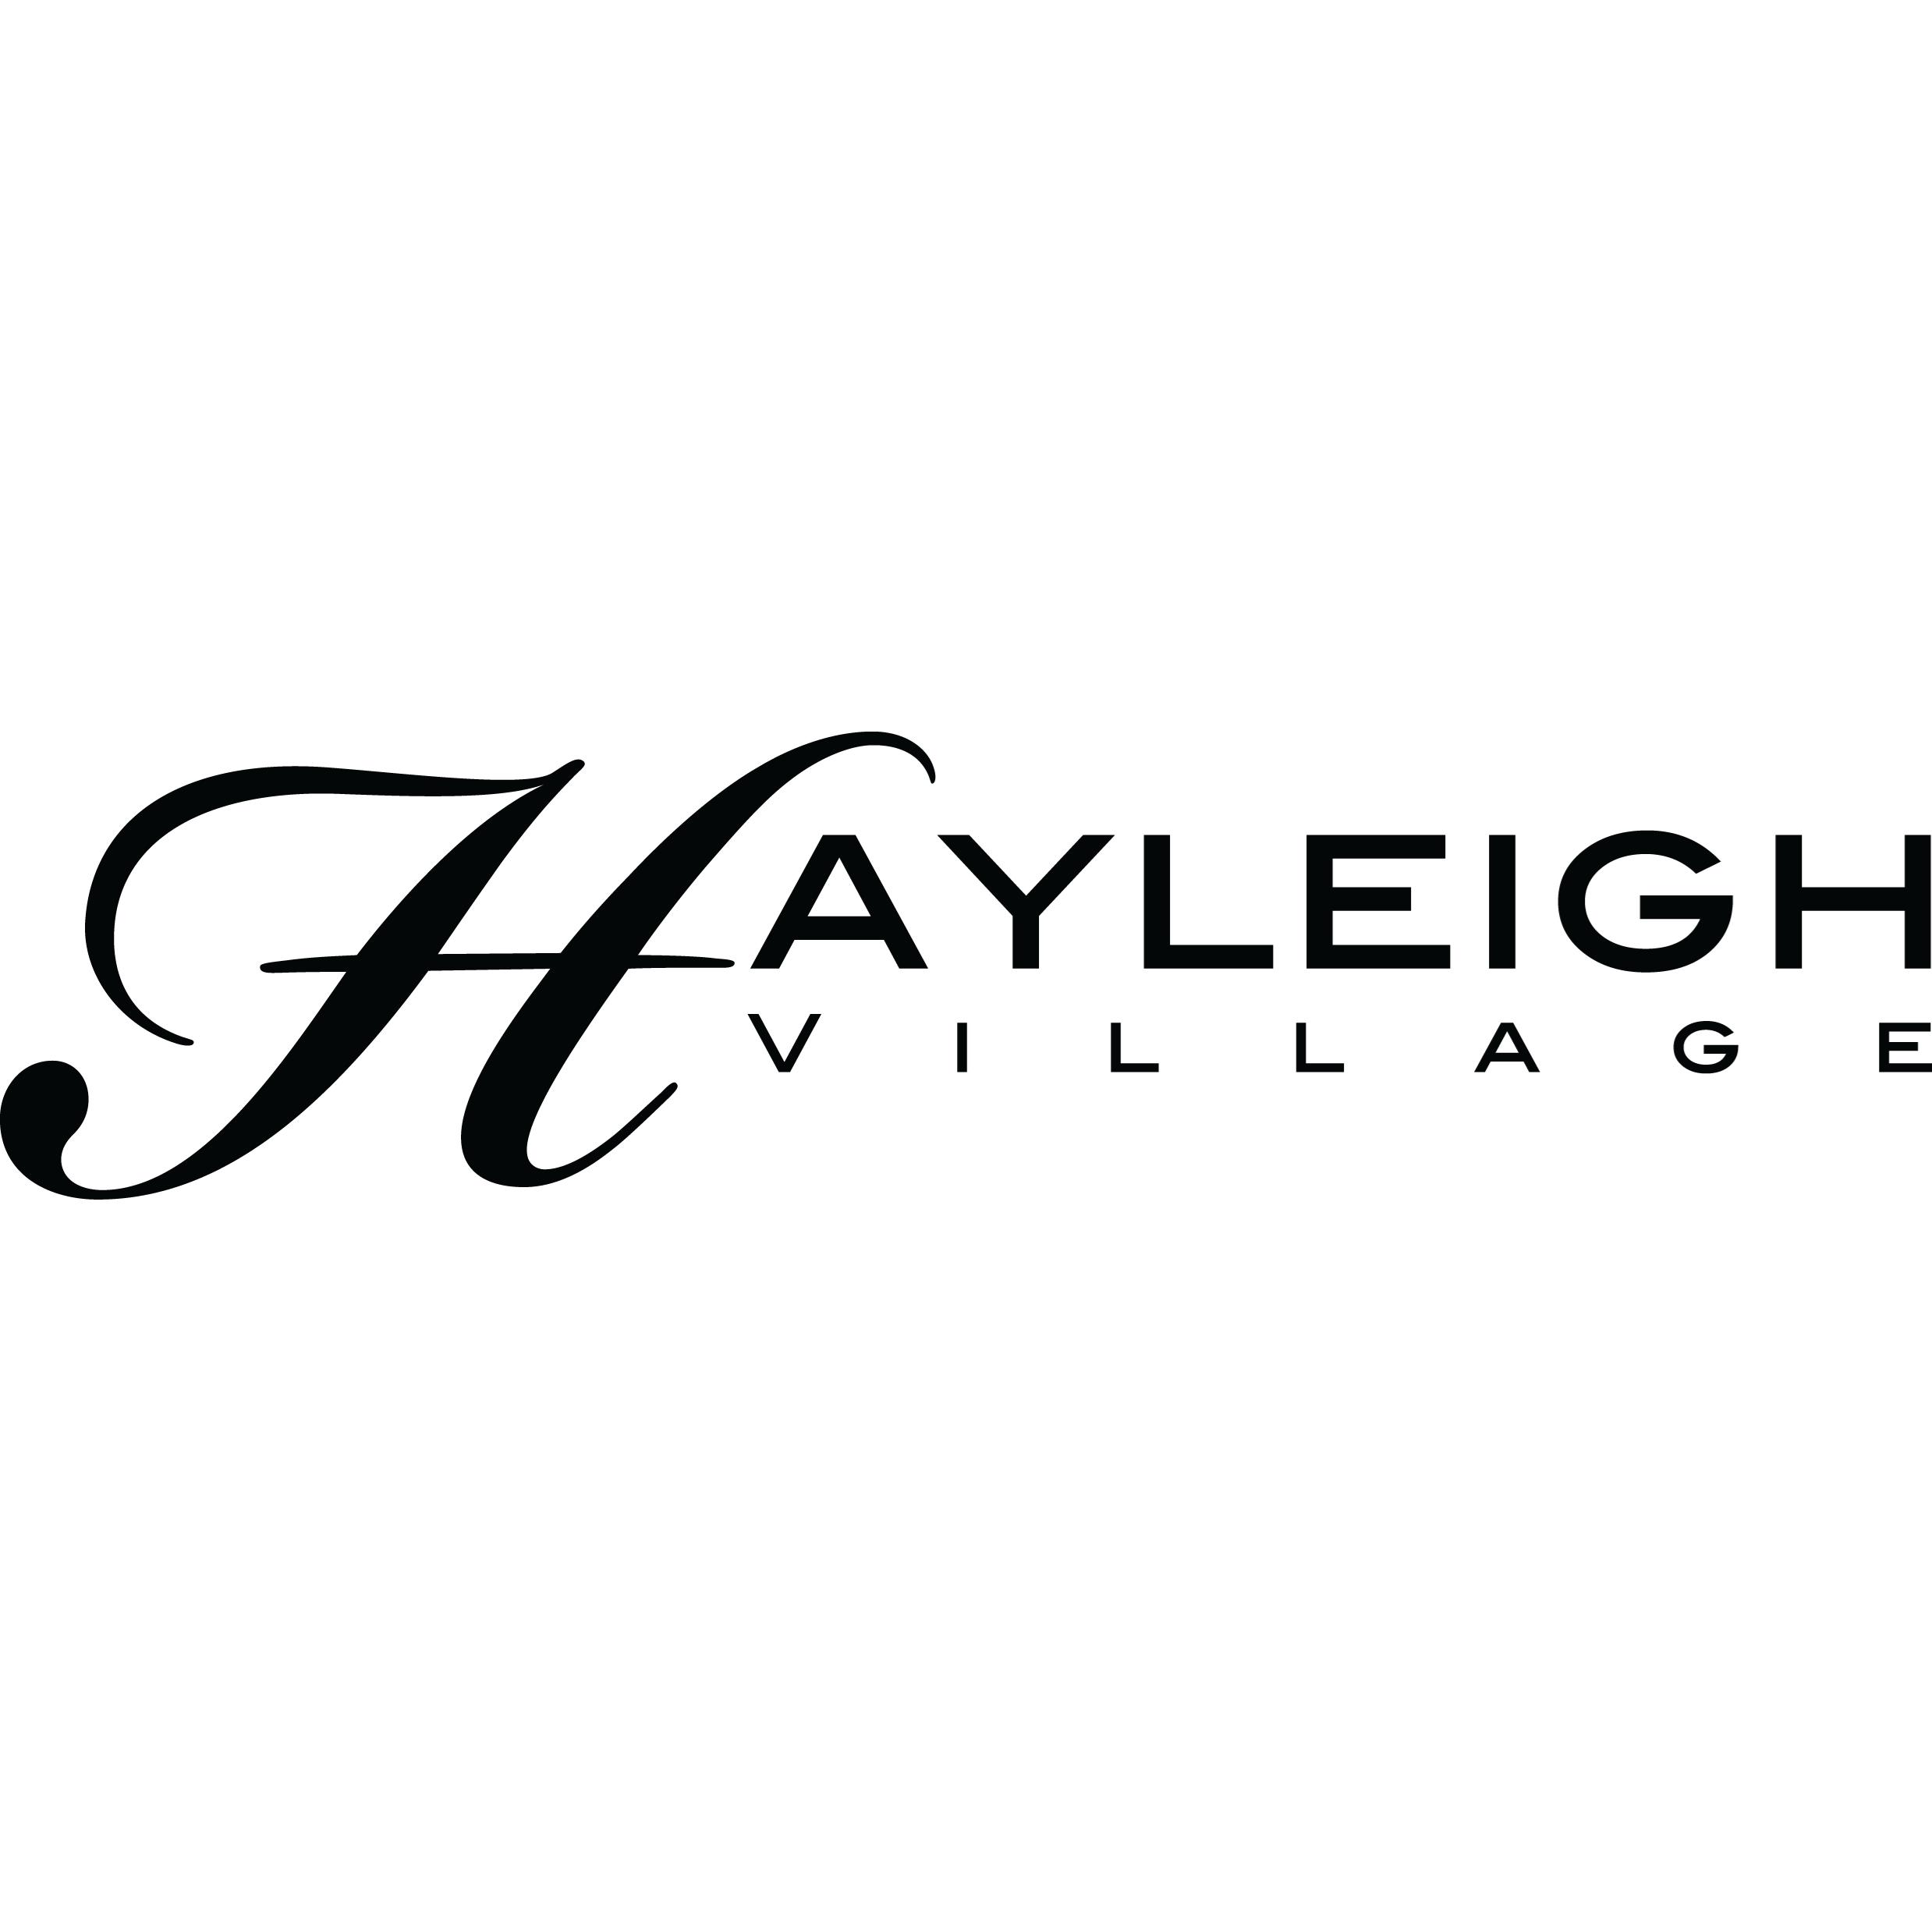 Hayleigh Village Apartments